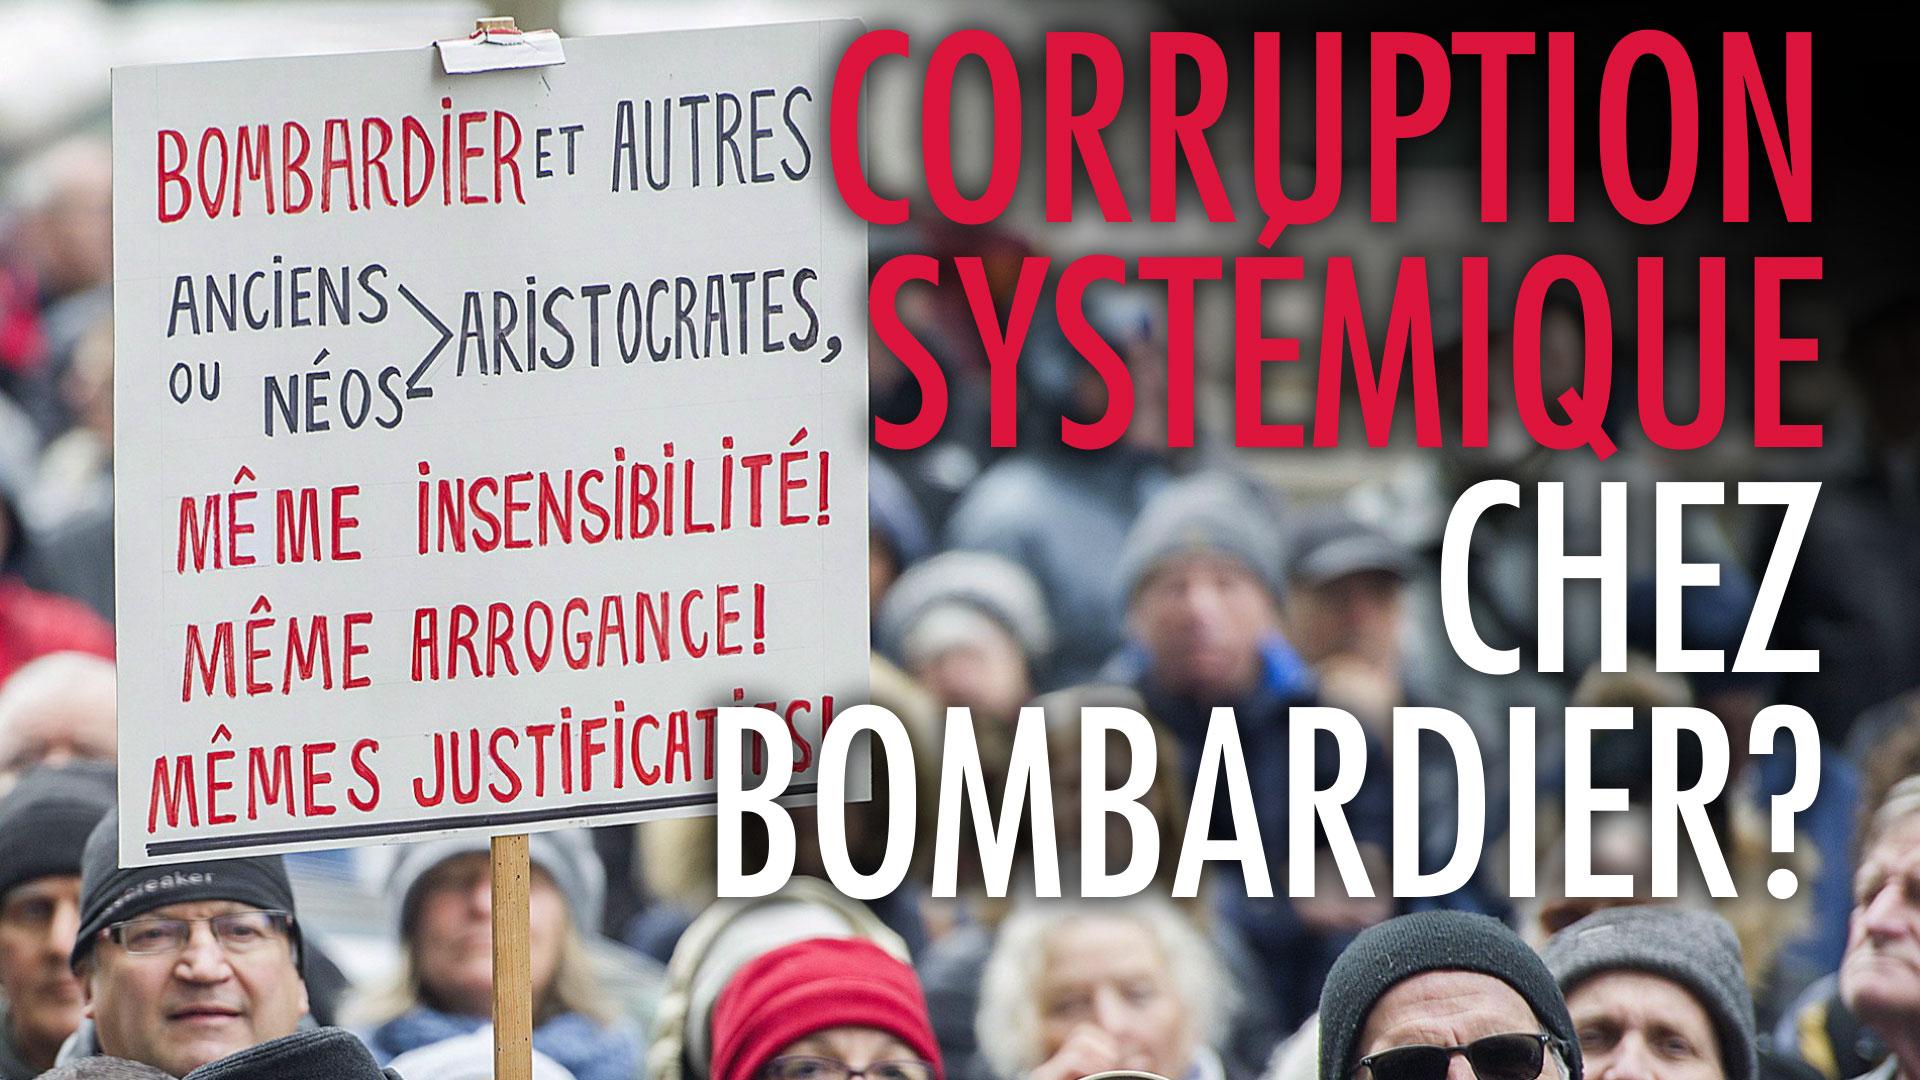 Corruption systémique chez Bombardier?